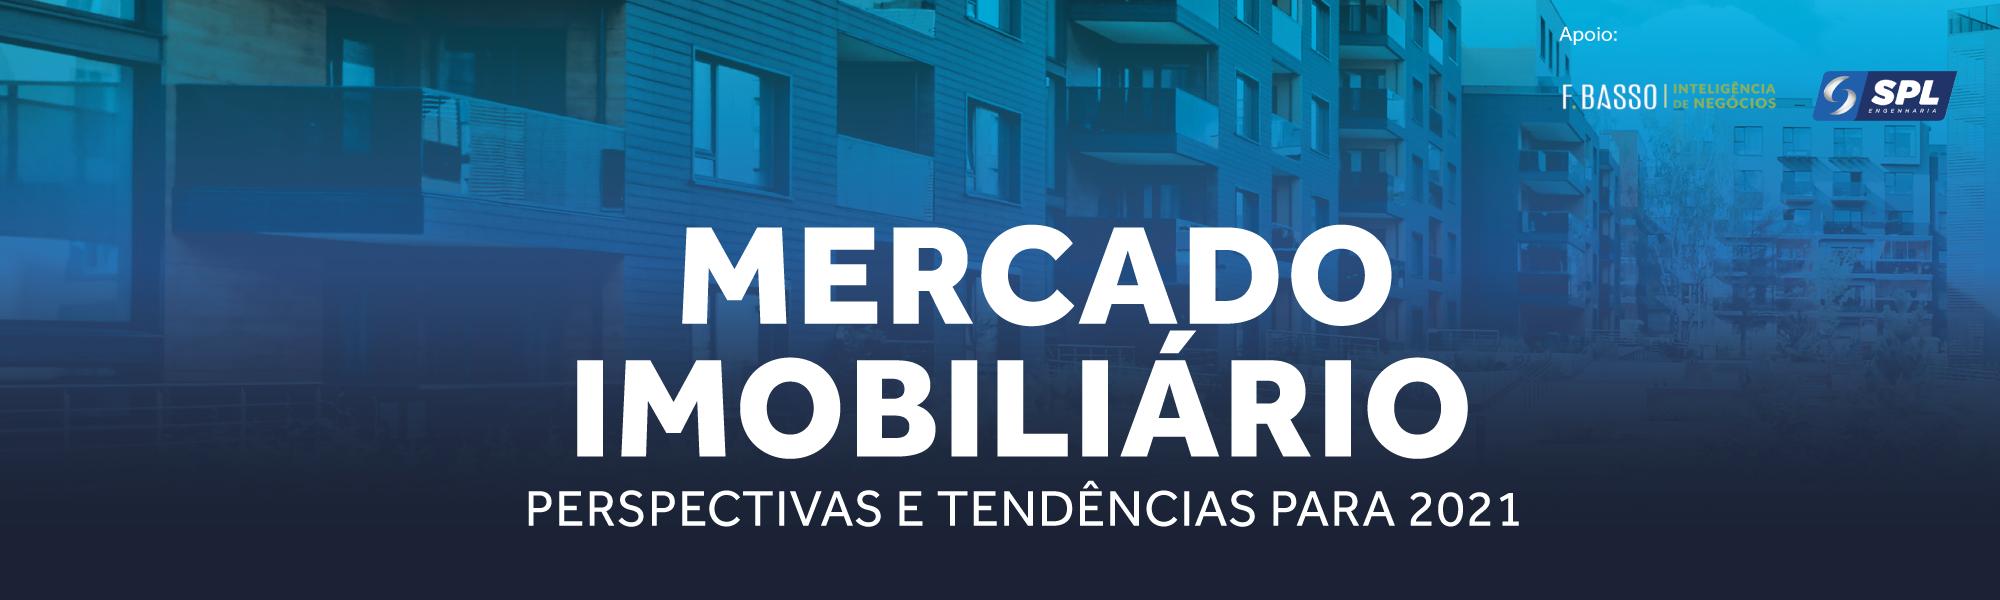 MERCADO IMOBILIÁRIO | Perspectivas e Tendências para 2021